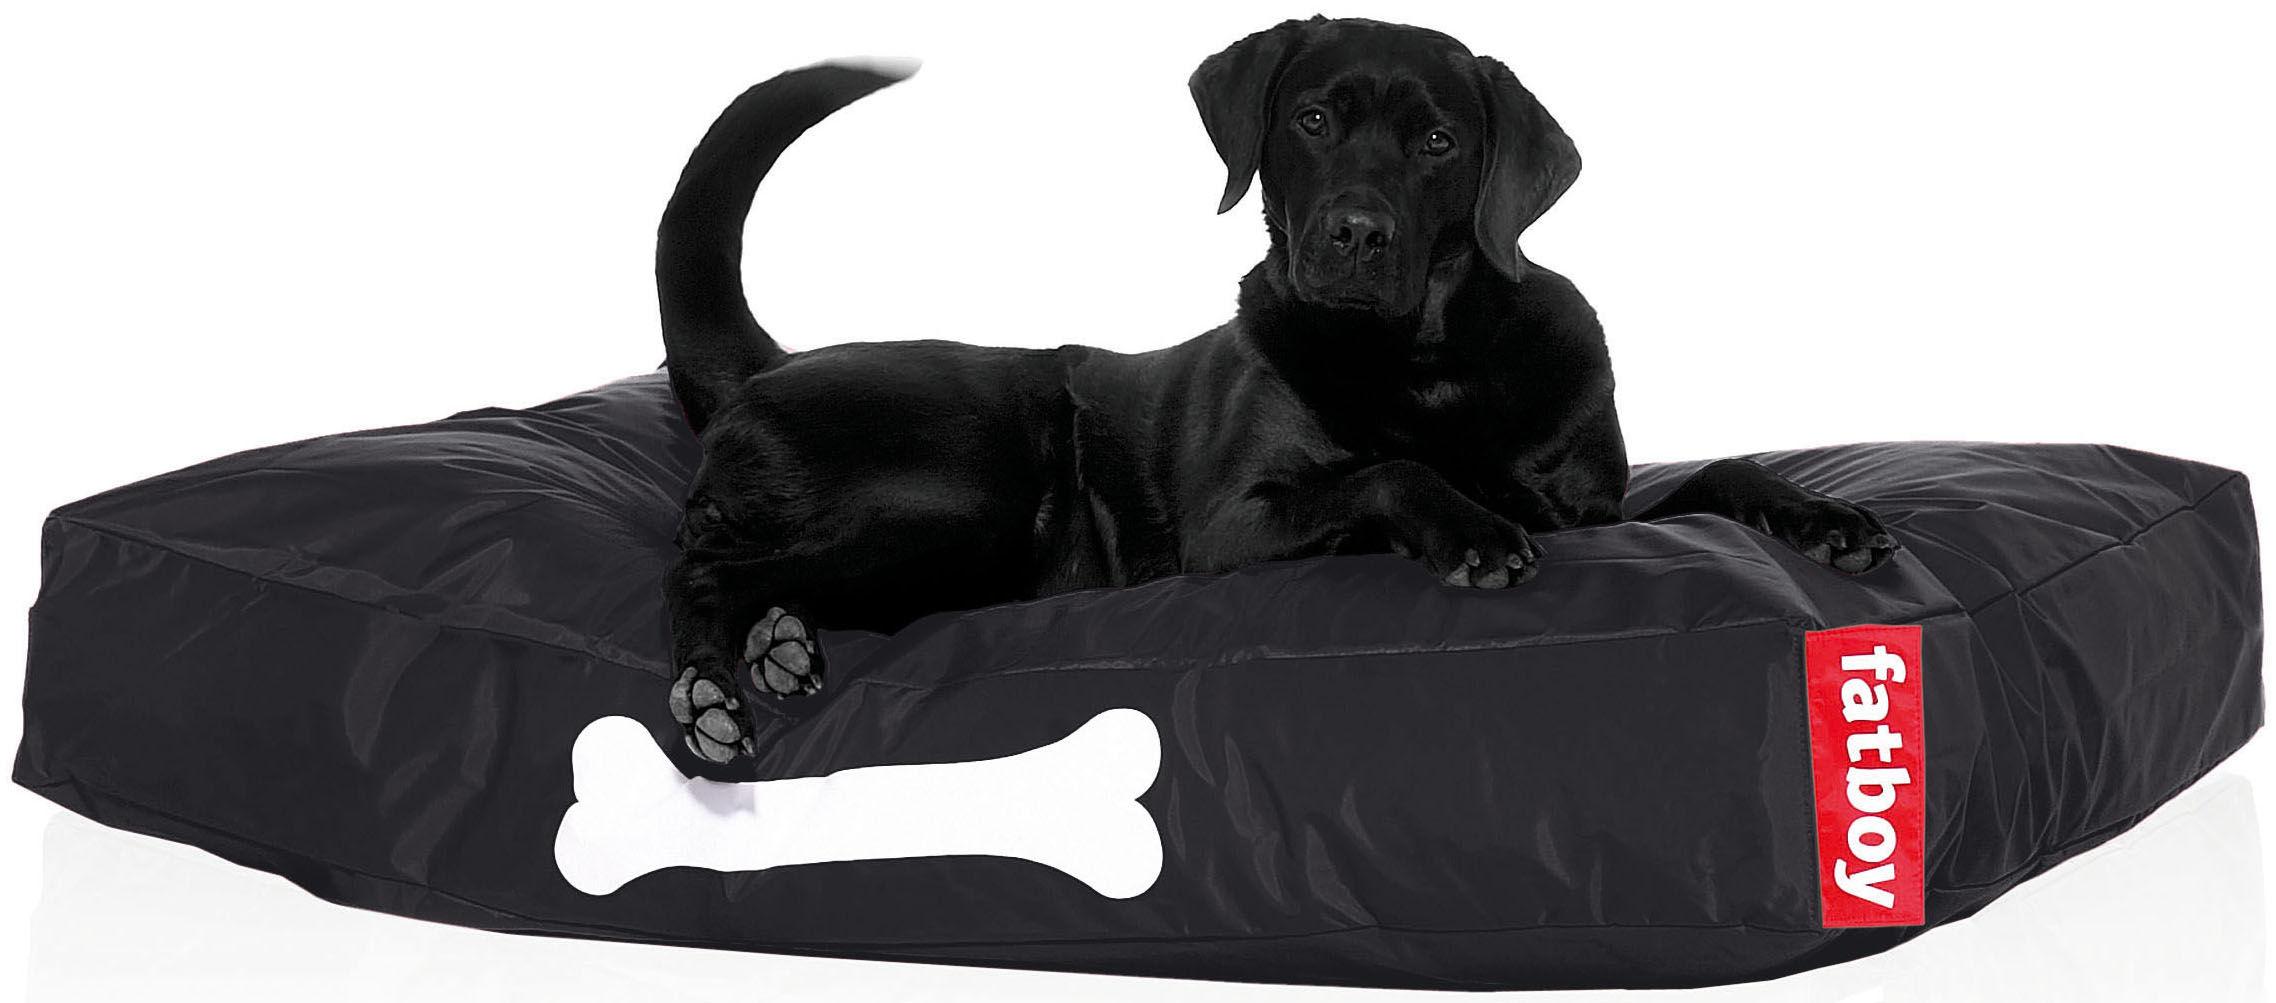 pouf doggielounge pour chien large noir fatboy. Black Bedroom Furniture Sets. Home Design Ideas